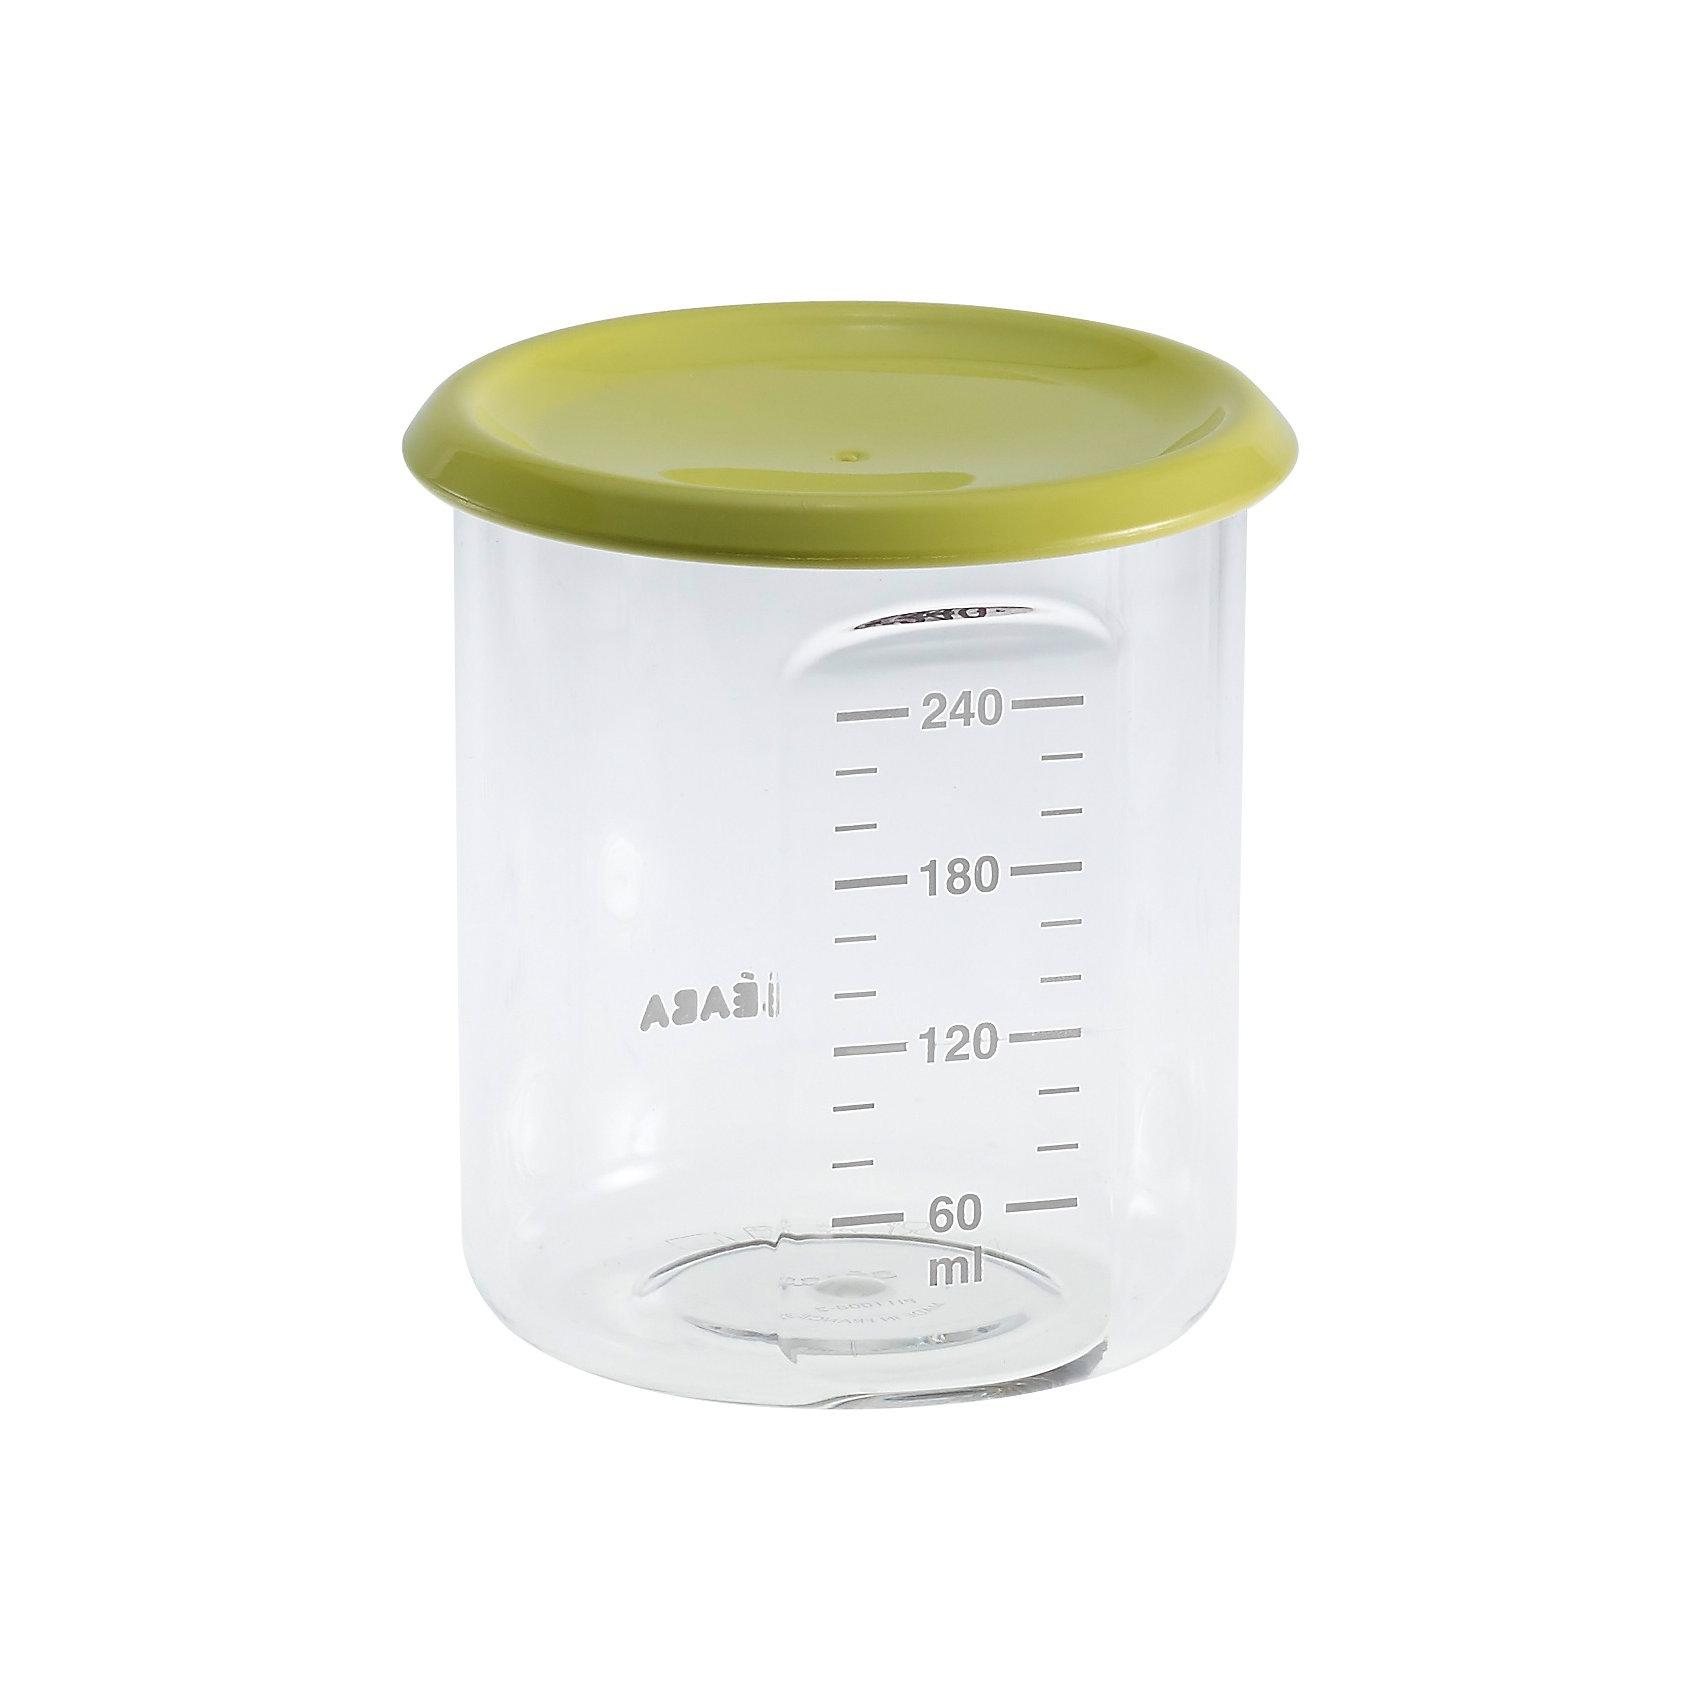 Контейнер для хранения Maxi Portion 240мл, Beaba, салатовыйКонтейнеры<br>Контейнер для хранения Maxi Portion 240мл, Beaba (Беаба), салатовый<br><br>Характеристики:<br><br>• герметично закрывается крышкой<br>• удобная мерная шкала<br>• не содержит бисфенол А<br>• можно разогревать в микроволновой печи и мыть в посудомоечной машине<br>• цвет: салатовый<br>• объем: 240 мл<br>• диаметр: 9,5 см<br><br>Контейнер Maxi Portion - отличный помощник для родителей. Крышка контейнера плотно закрывается для надежного хранения пищевых продуктов. Контейнер можно мыть в посудомоечной машине, использовать для заморозки продуктов и разогревать в микроволновой печи. Удобная мерная шкала поможет вам отмерить необходимое количество продукта. Не содержит бисфенол А.<br><br>Контейнер для хранения Maxi Portion 240мл, Beaba (Беаба), салатовый можно купить в нашем интернет-магазине.<br><br>Ширина мм: 85<br>Глубина мм: 85<br>Высота мм: 91<br>Вес г: 70<br>Возраст от месяцев: 4<br>Возраст до месяцев: 2147483647<br>Пол: Унисекс<br>Возраст: Детский<br>SKU: 5445716